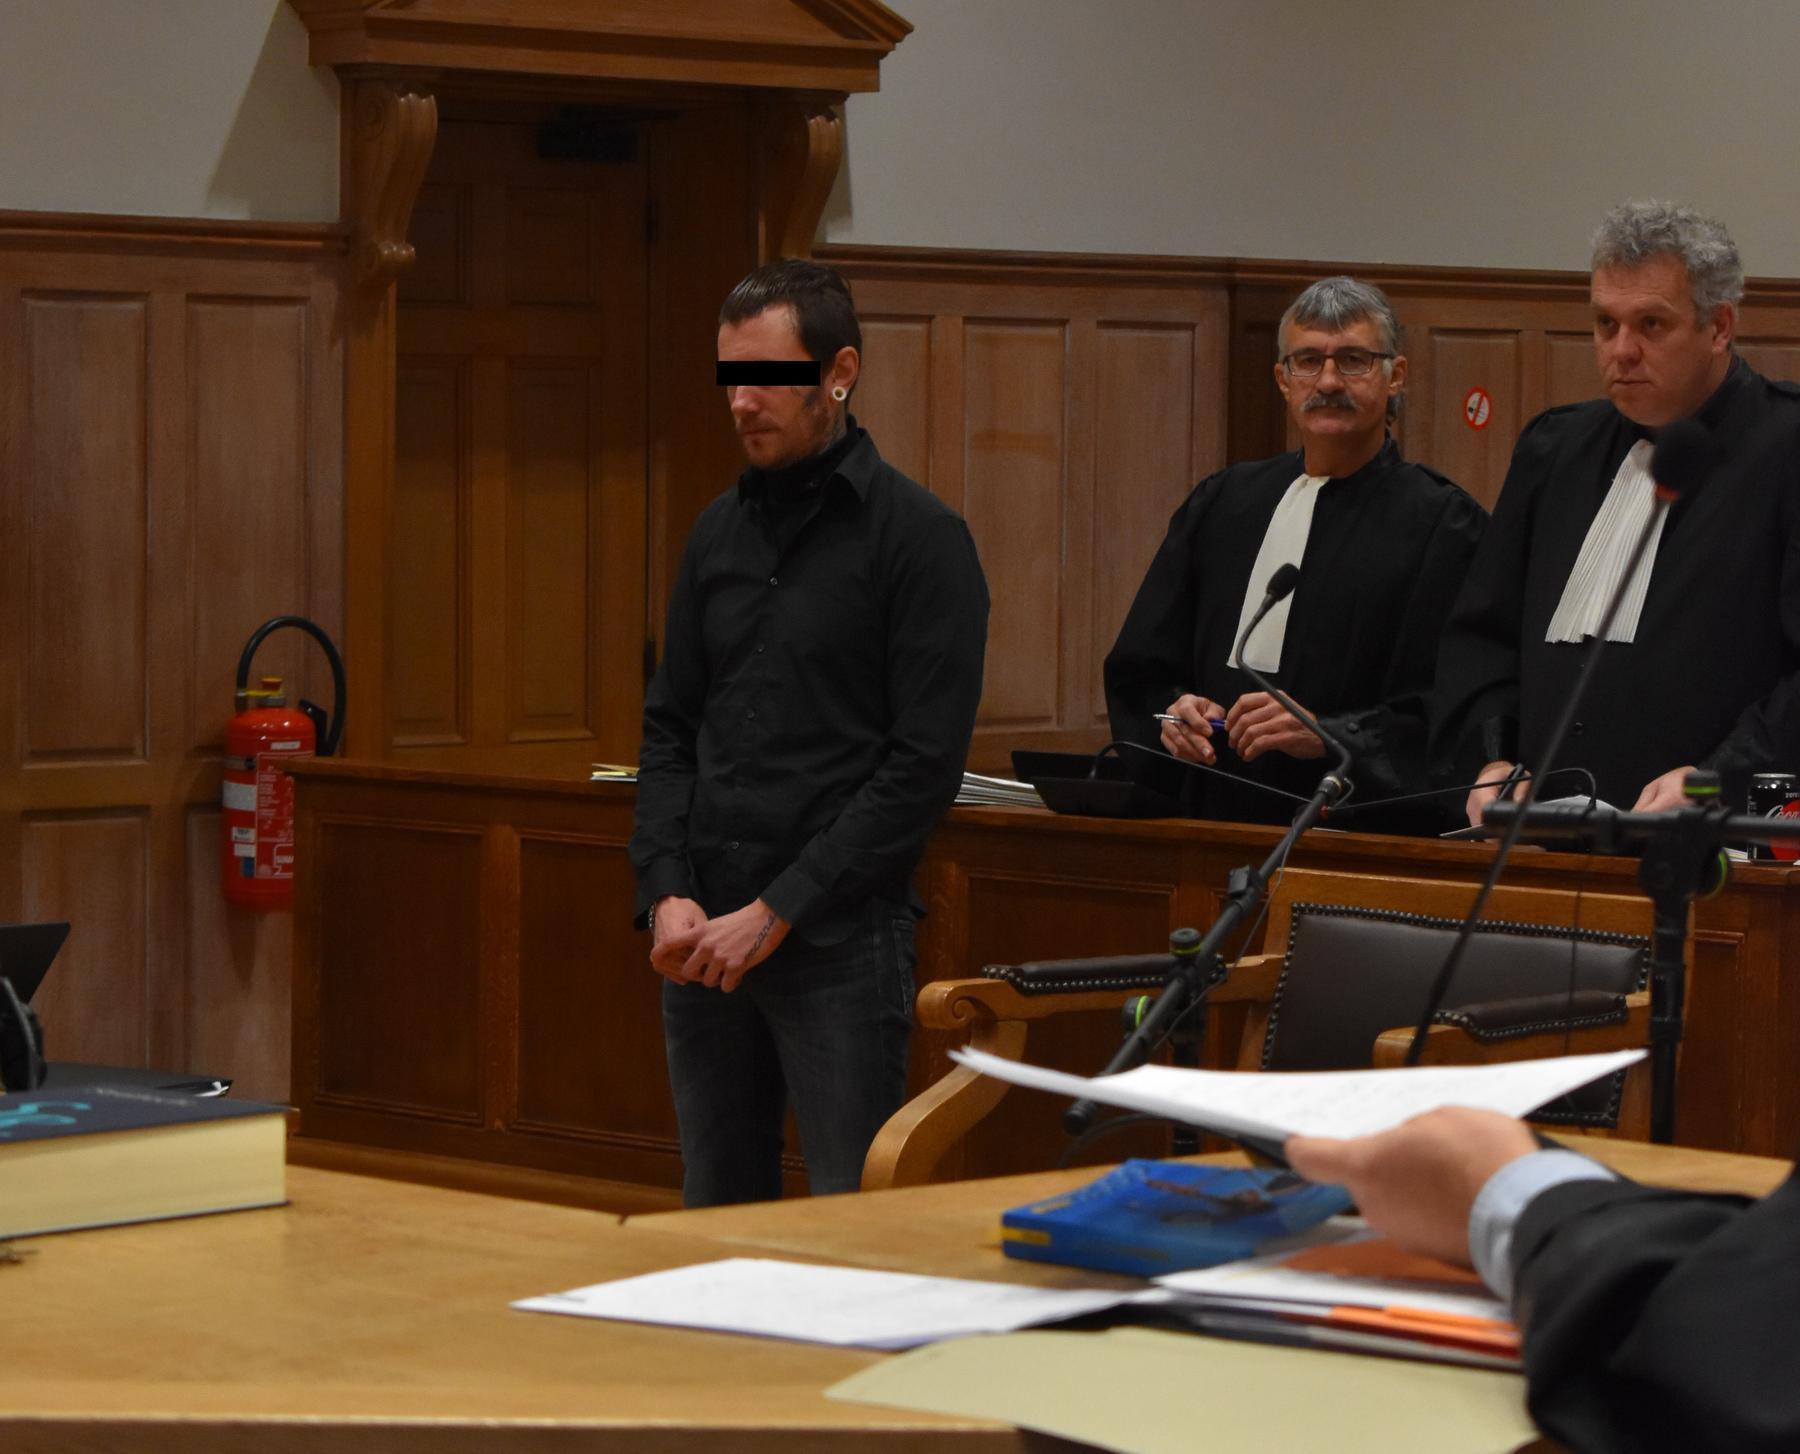 De rechtbank veroordeelde Marnick tot 15 jaar cel. (a-LK)